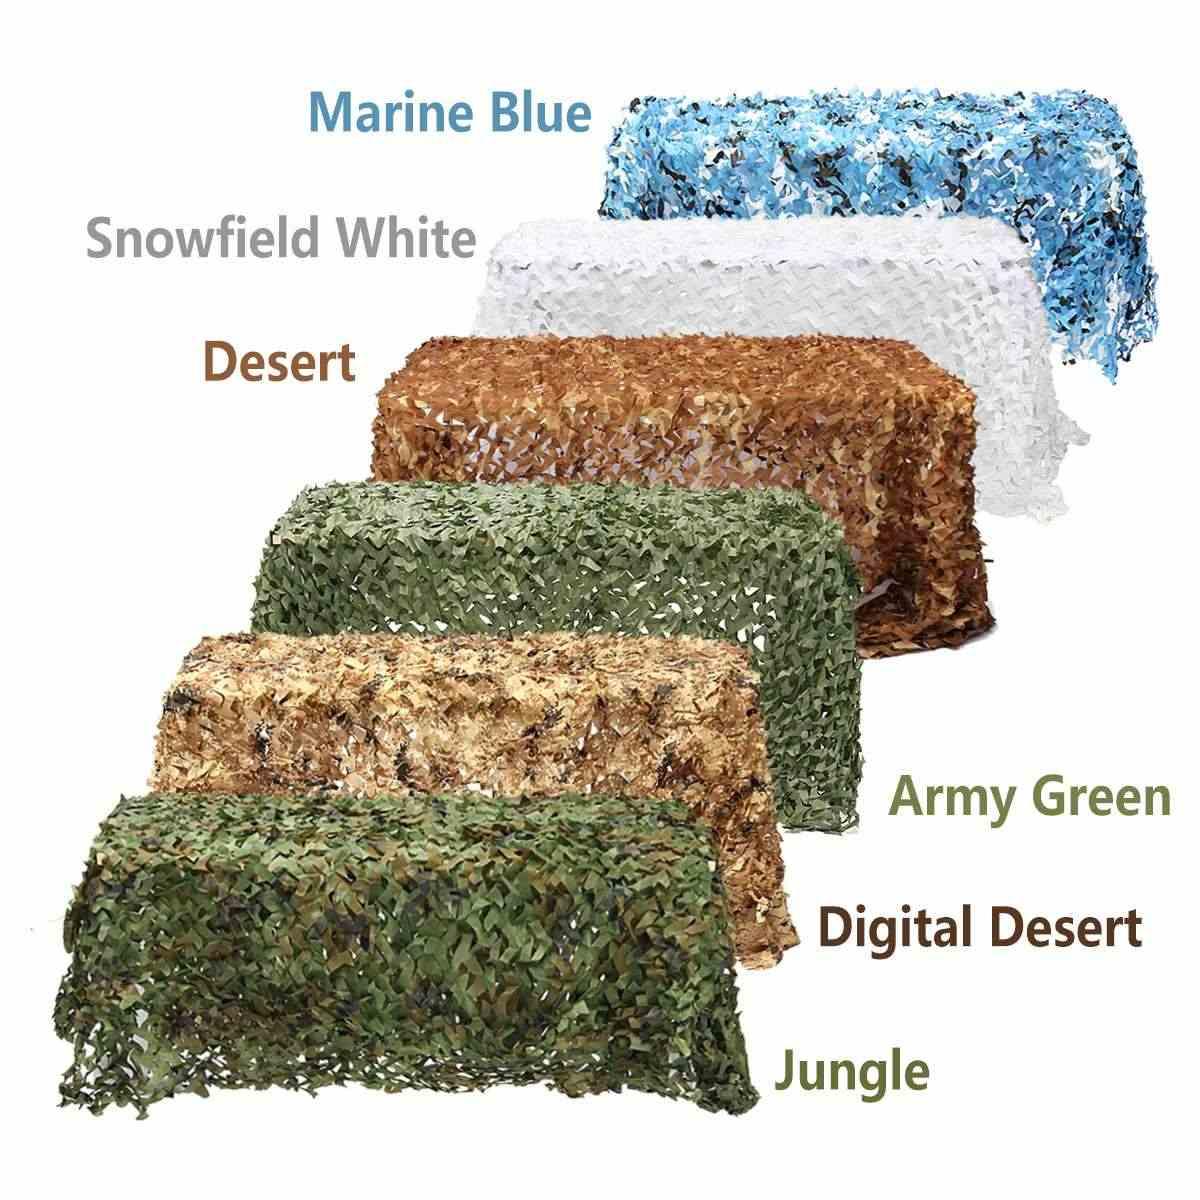 1x1m caça acampamento fotografia militar ao ar livre florestas do deserto blinds exército camuflagem militar net sol abrigo